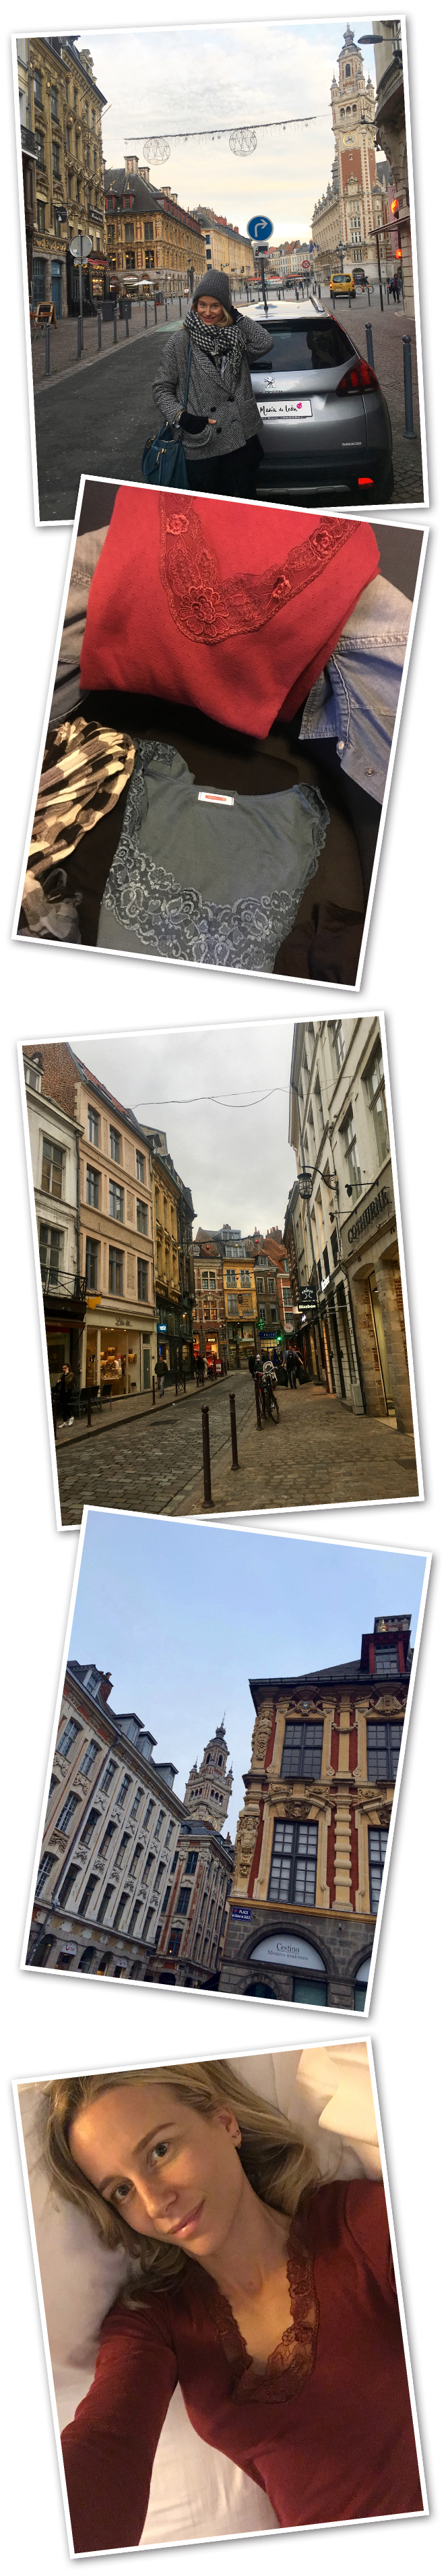 Damart inaugura su nueva Flagship Store en Lille